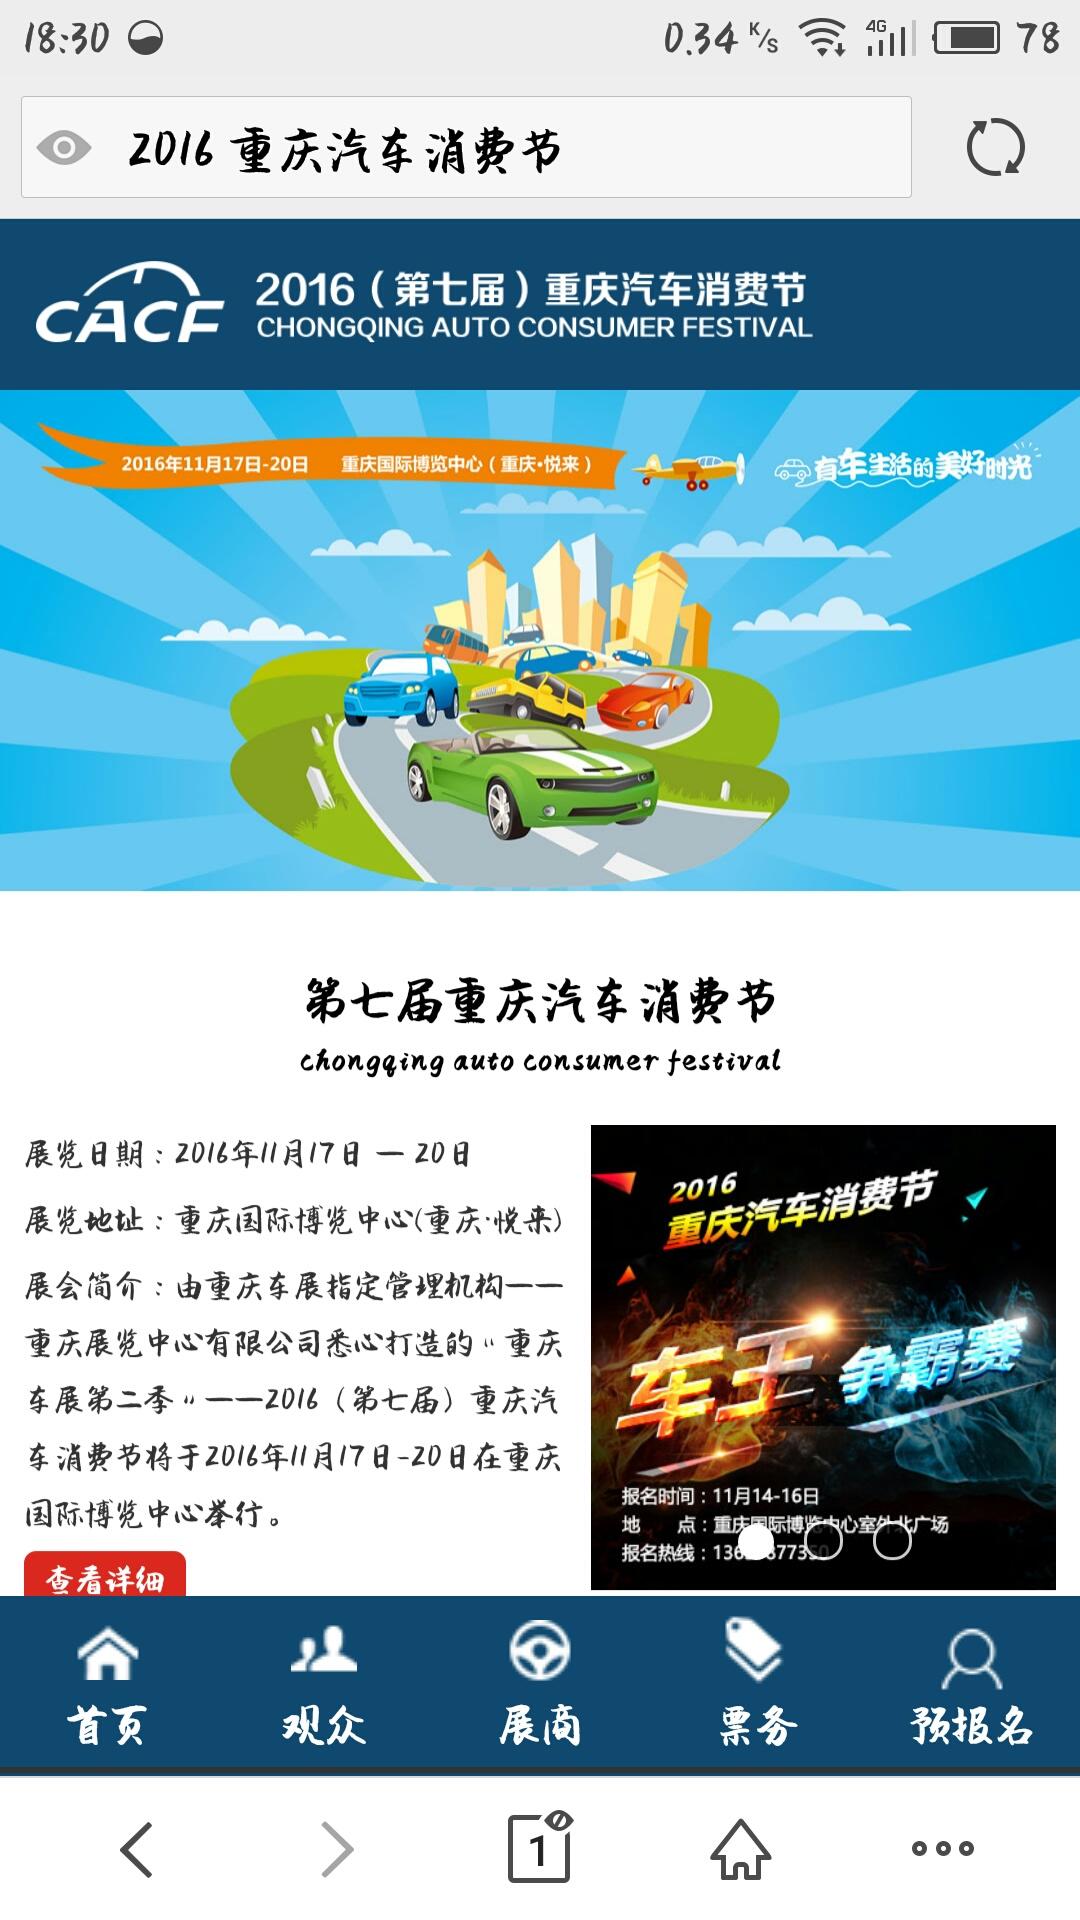 重庆网站策划设计